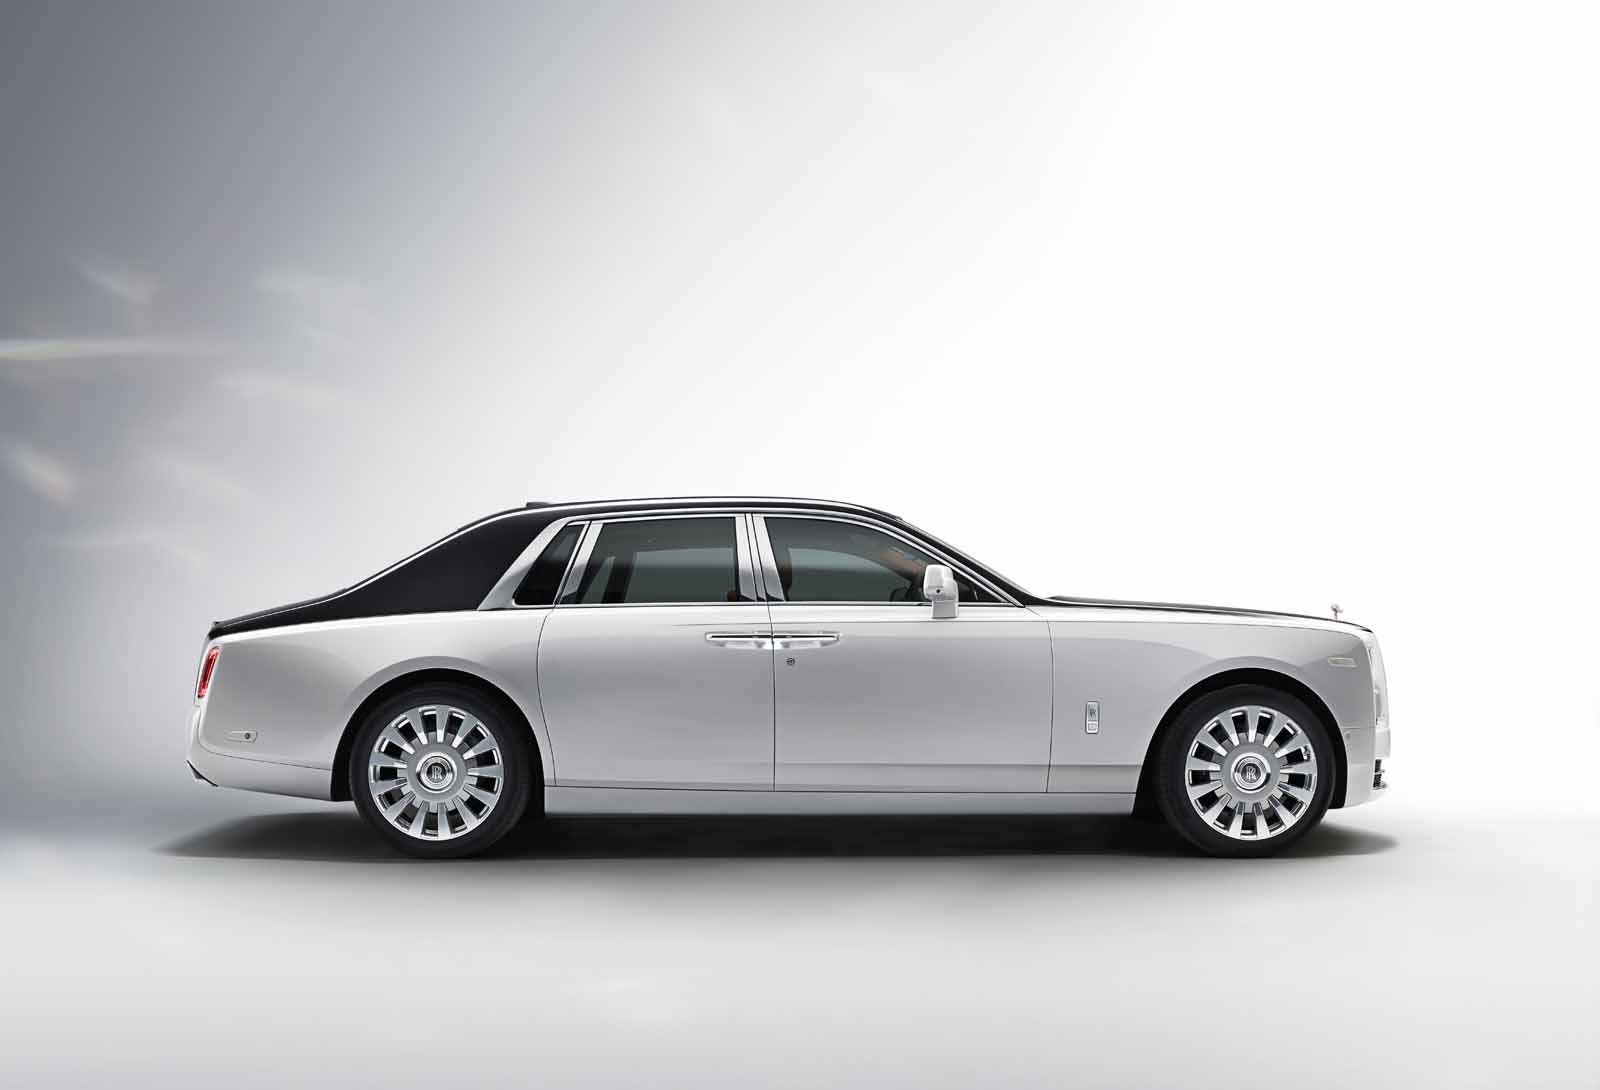 New 2018 Rolls-Royce Phantom Raises the Bar for Opulence